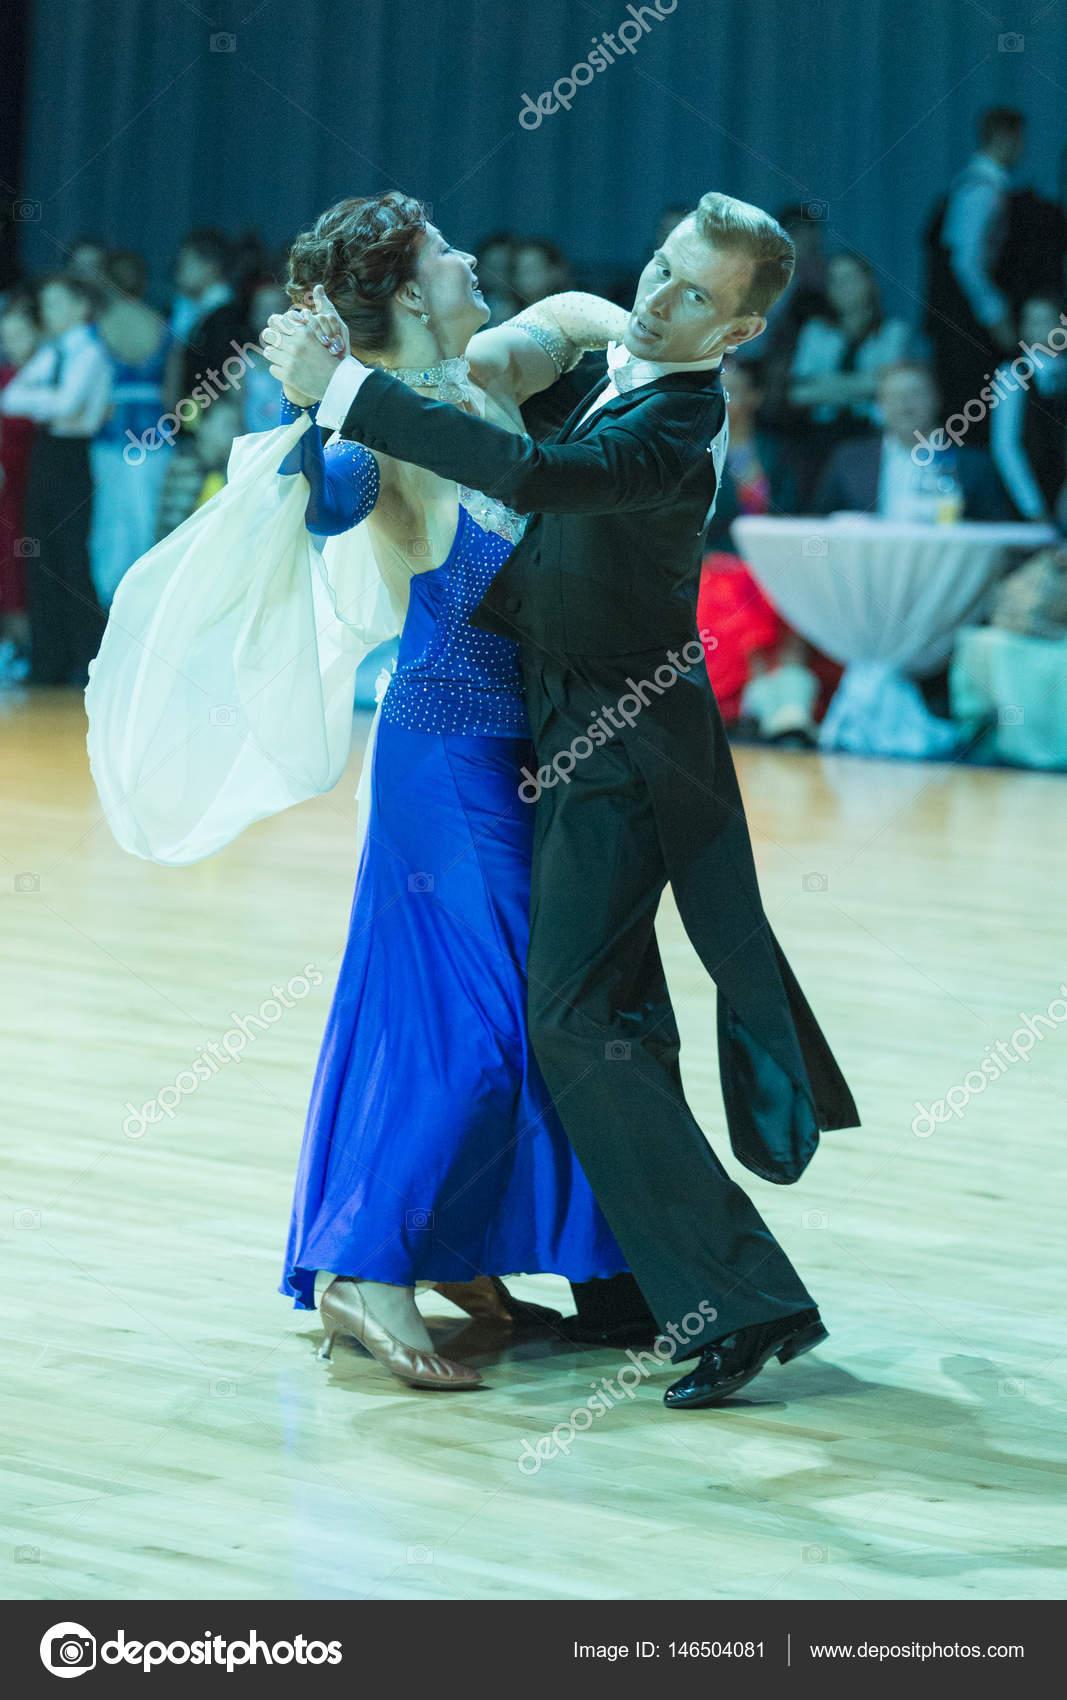 Pro-Am Dance Couple Performs Pro-Am Super Cup International European ...